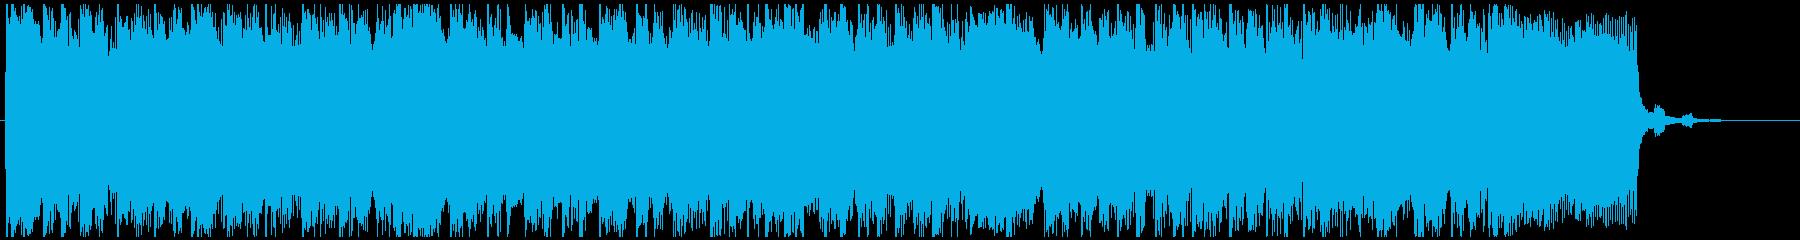 ビートとパンチの効いたエレキギター...の再生済みの波形